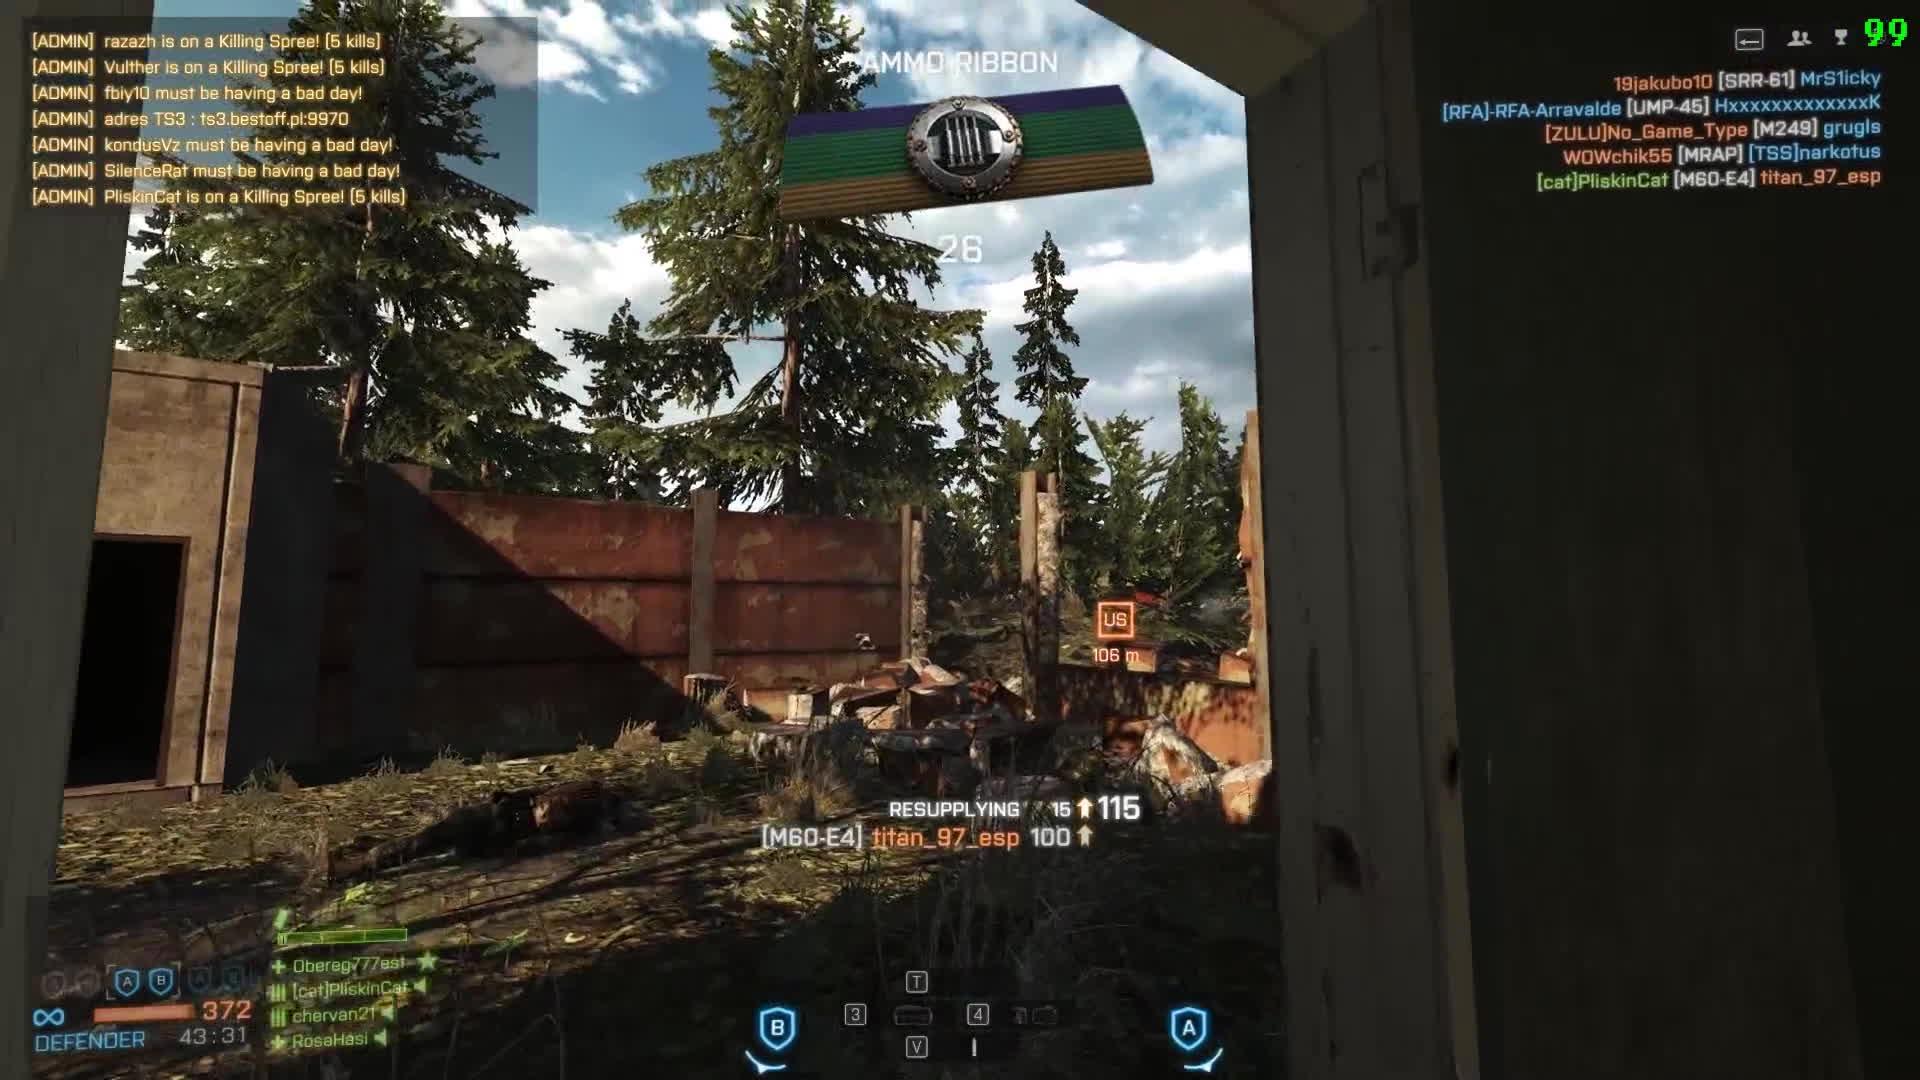 battlfield 4, bf4, Battlefield 4 Multikill GIFs